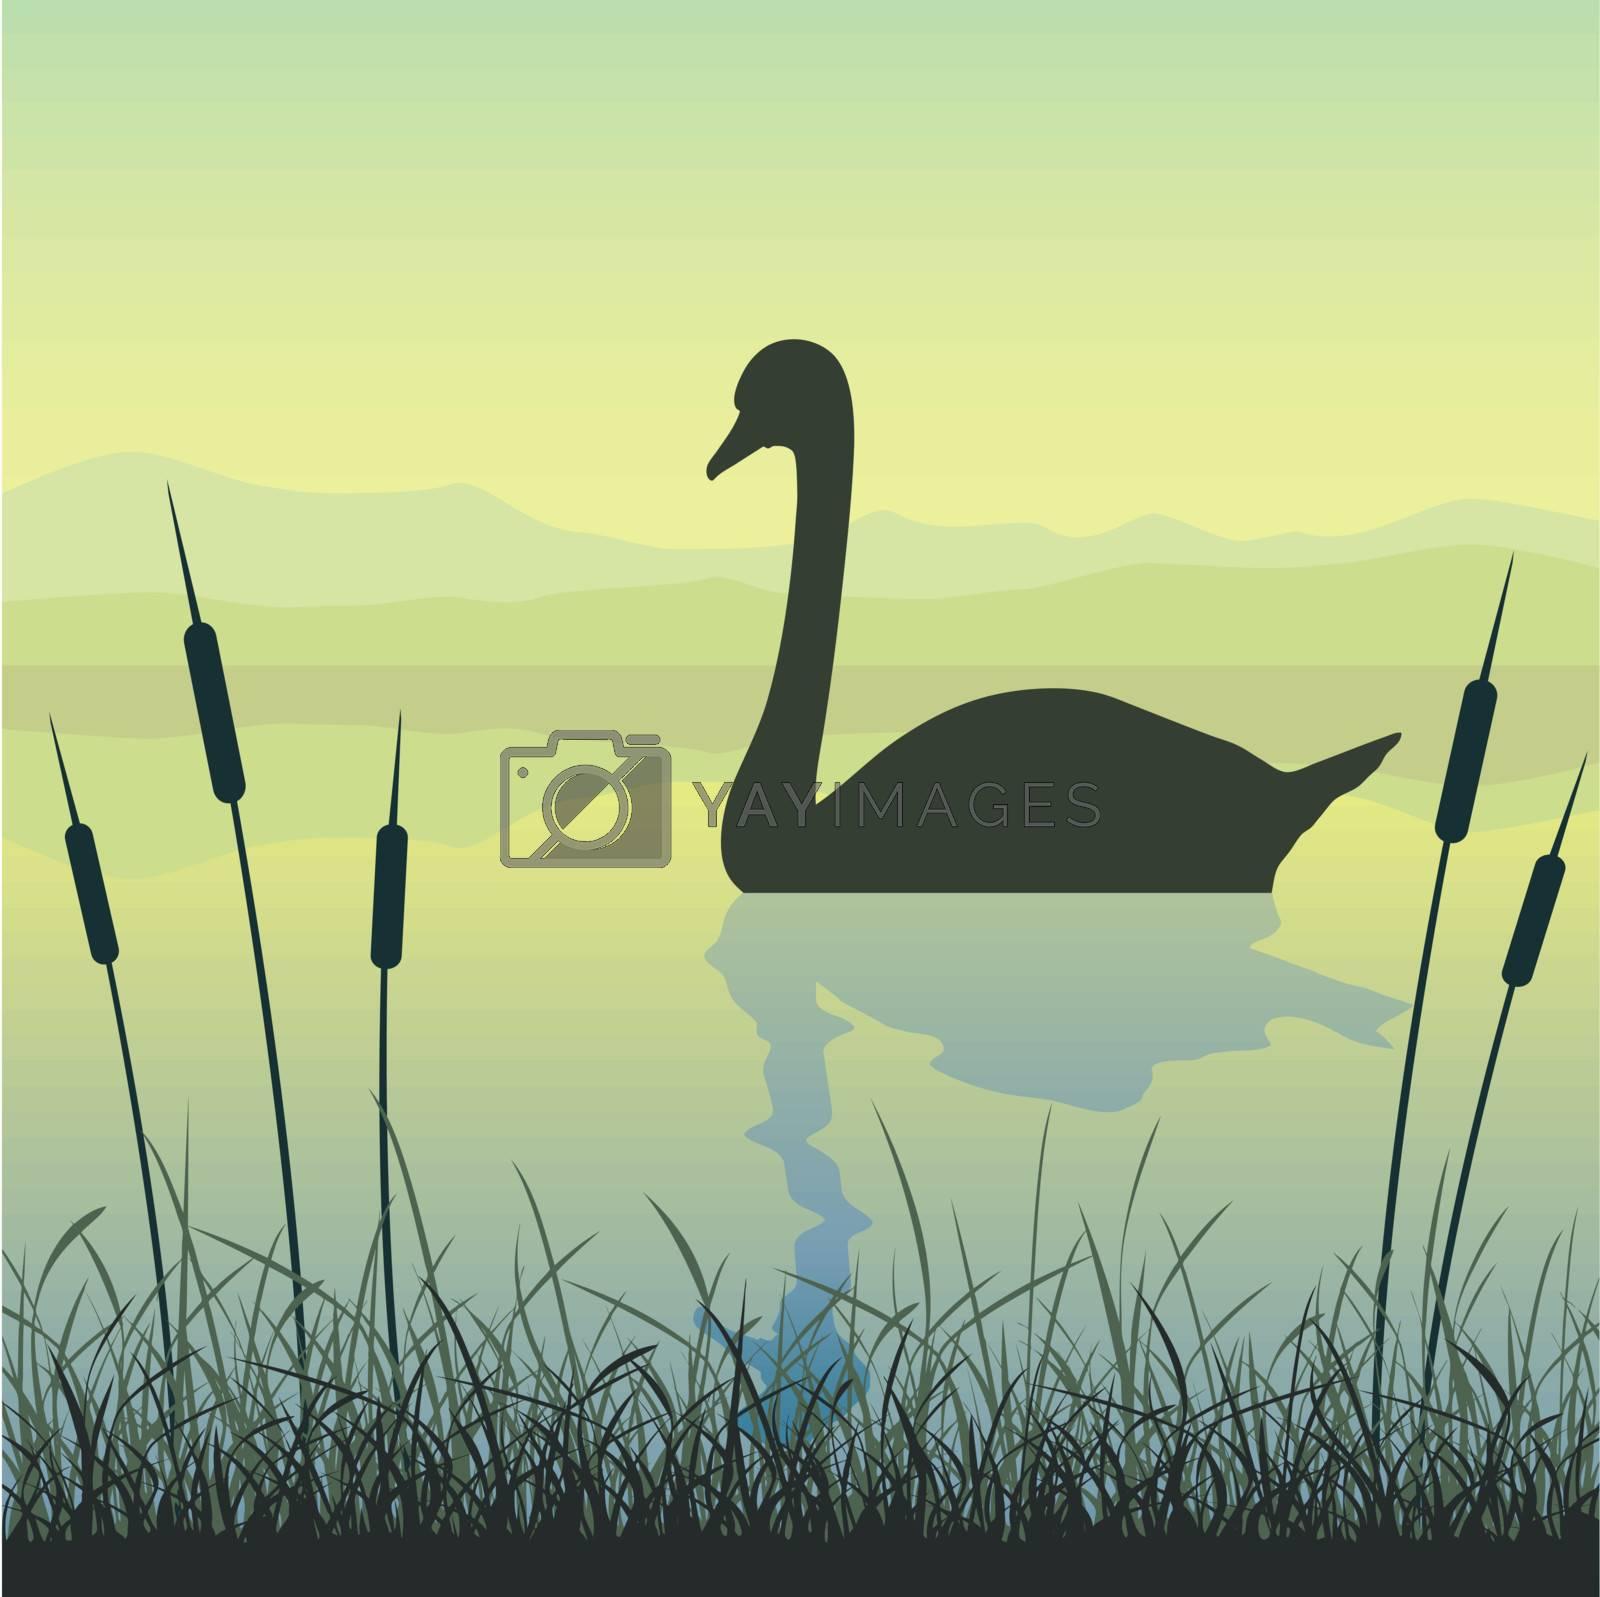 Royalty free image of Swan on Lake by Binkski